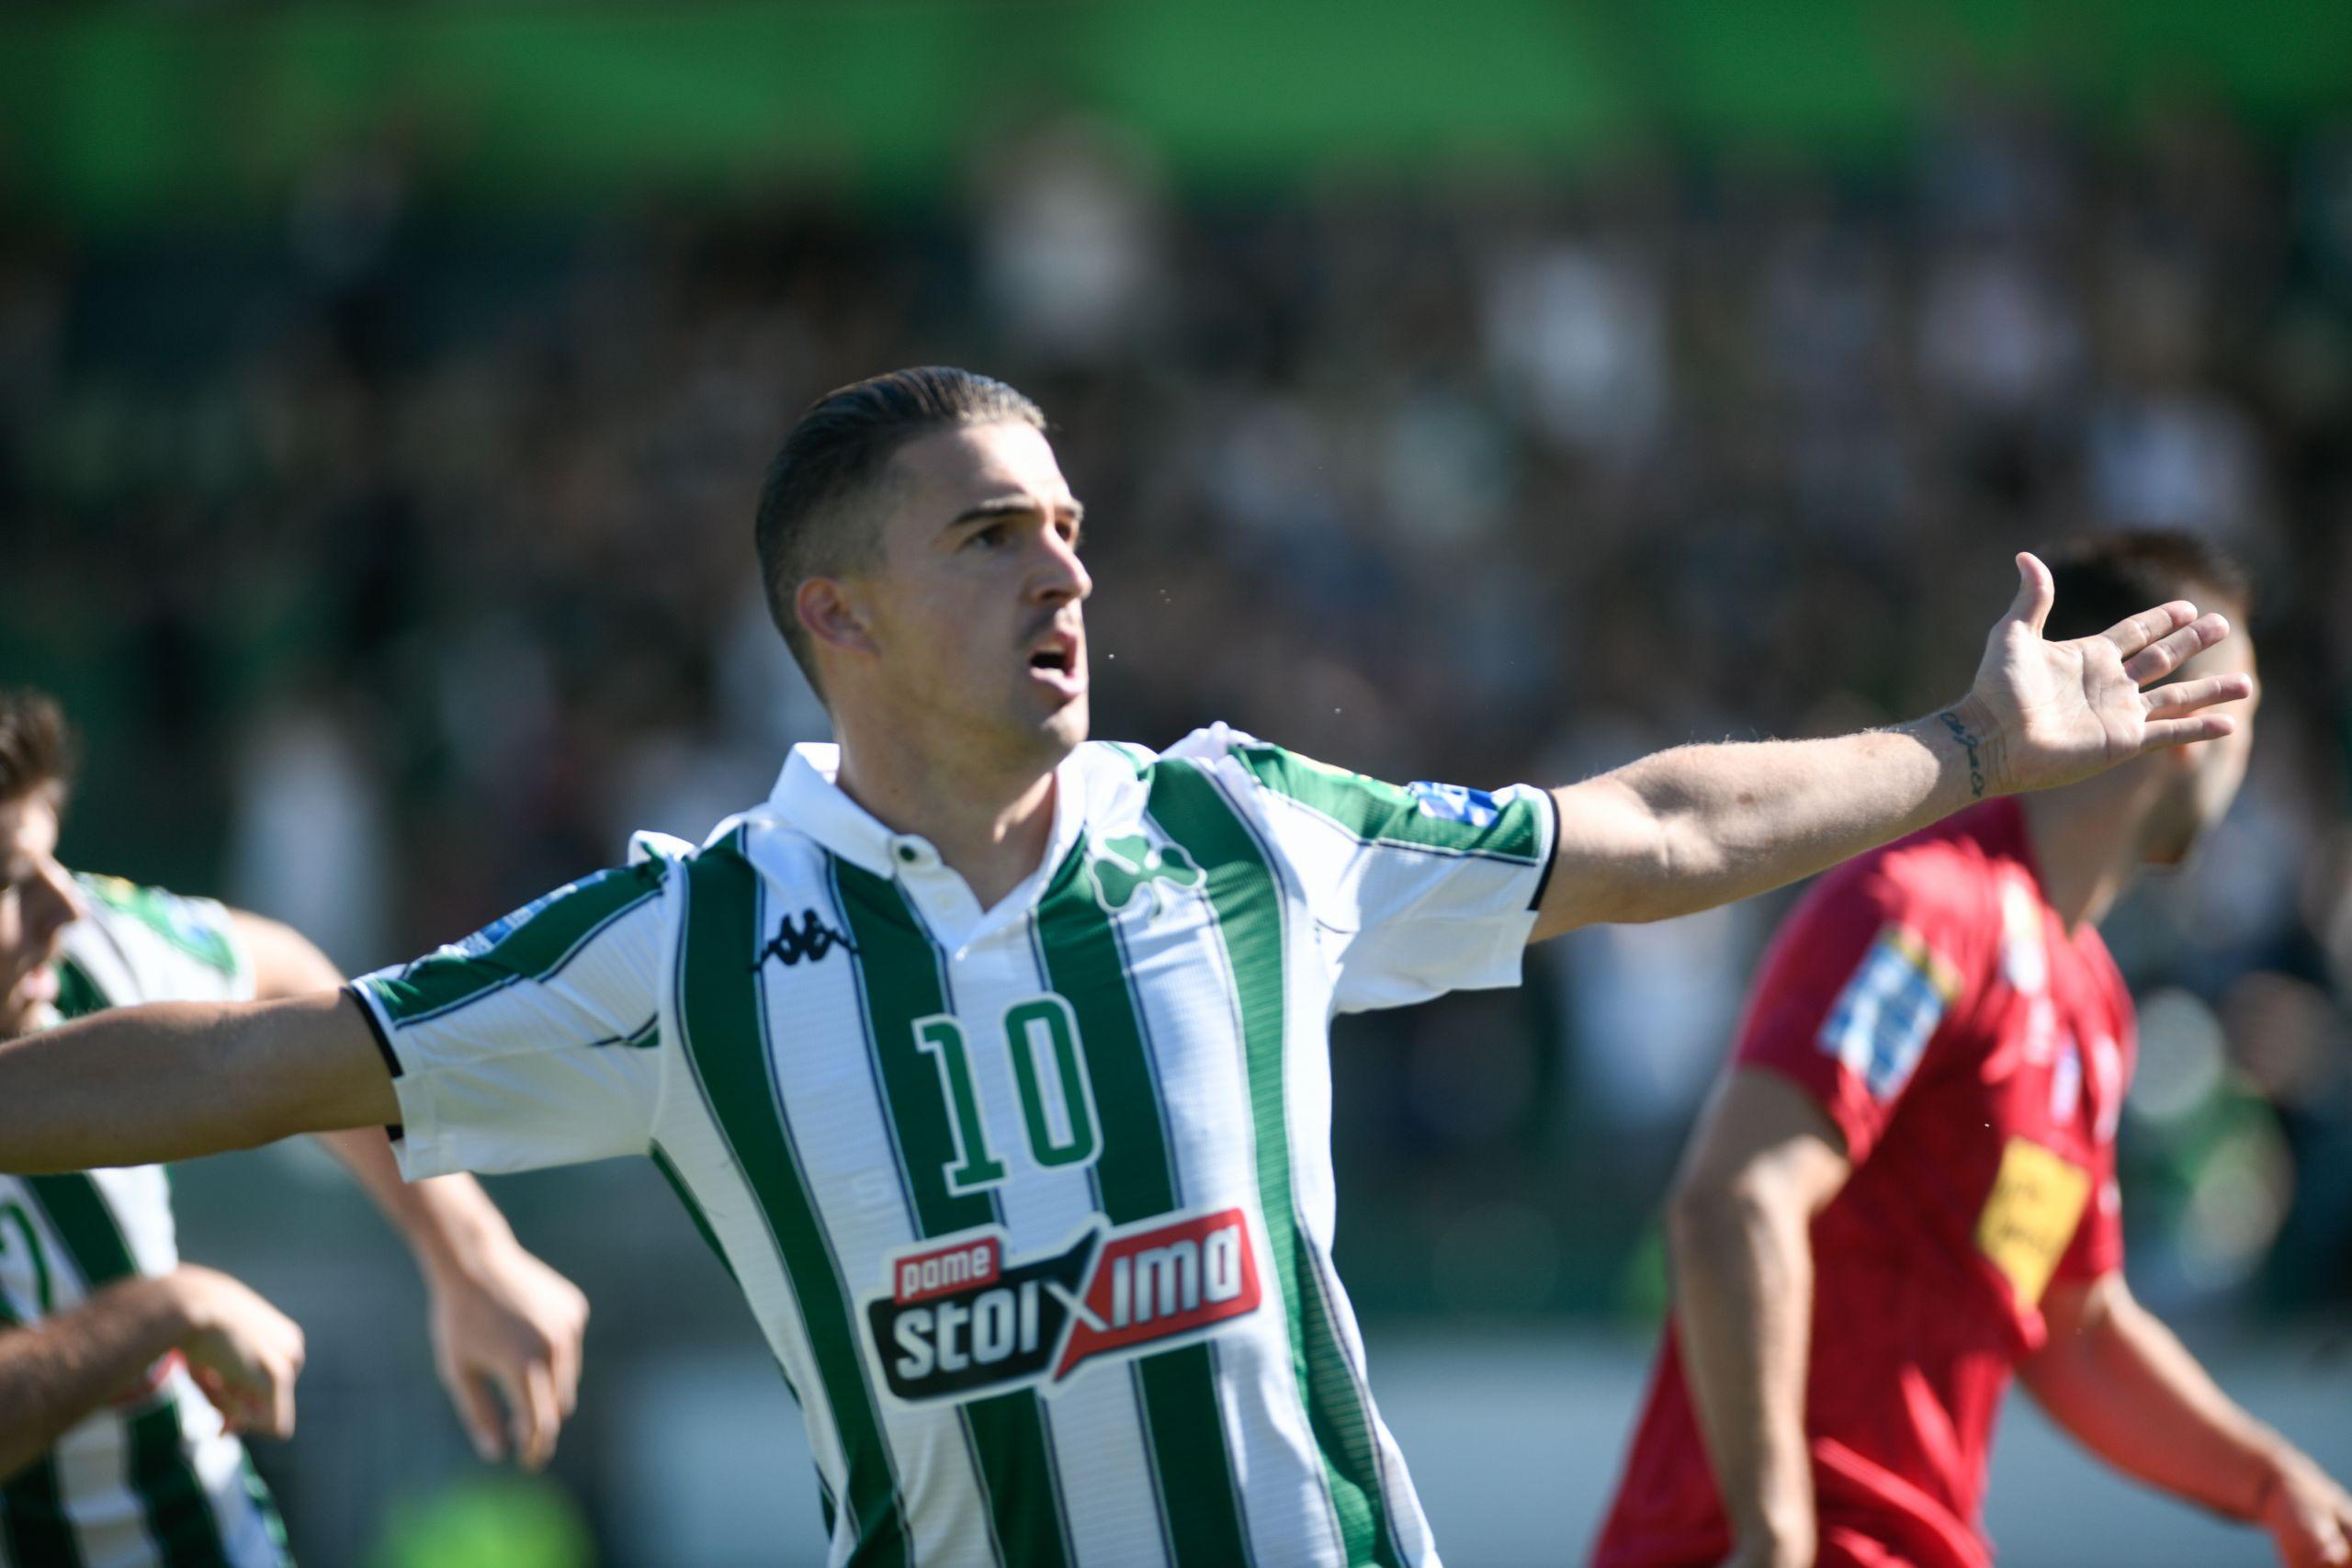 Καρλίτος: «Είμαι εδώ για να παλεύω για την ομάδα και τους στόχους της» (Vid) | panathinaikos24.gr